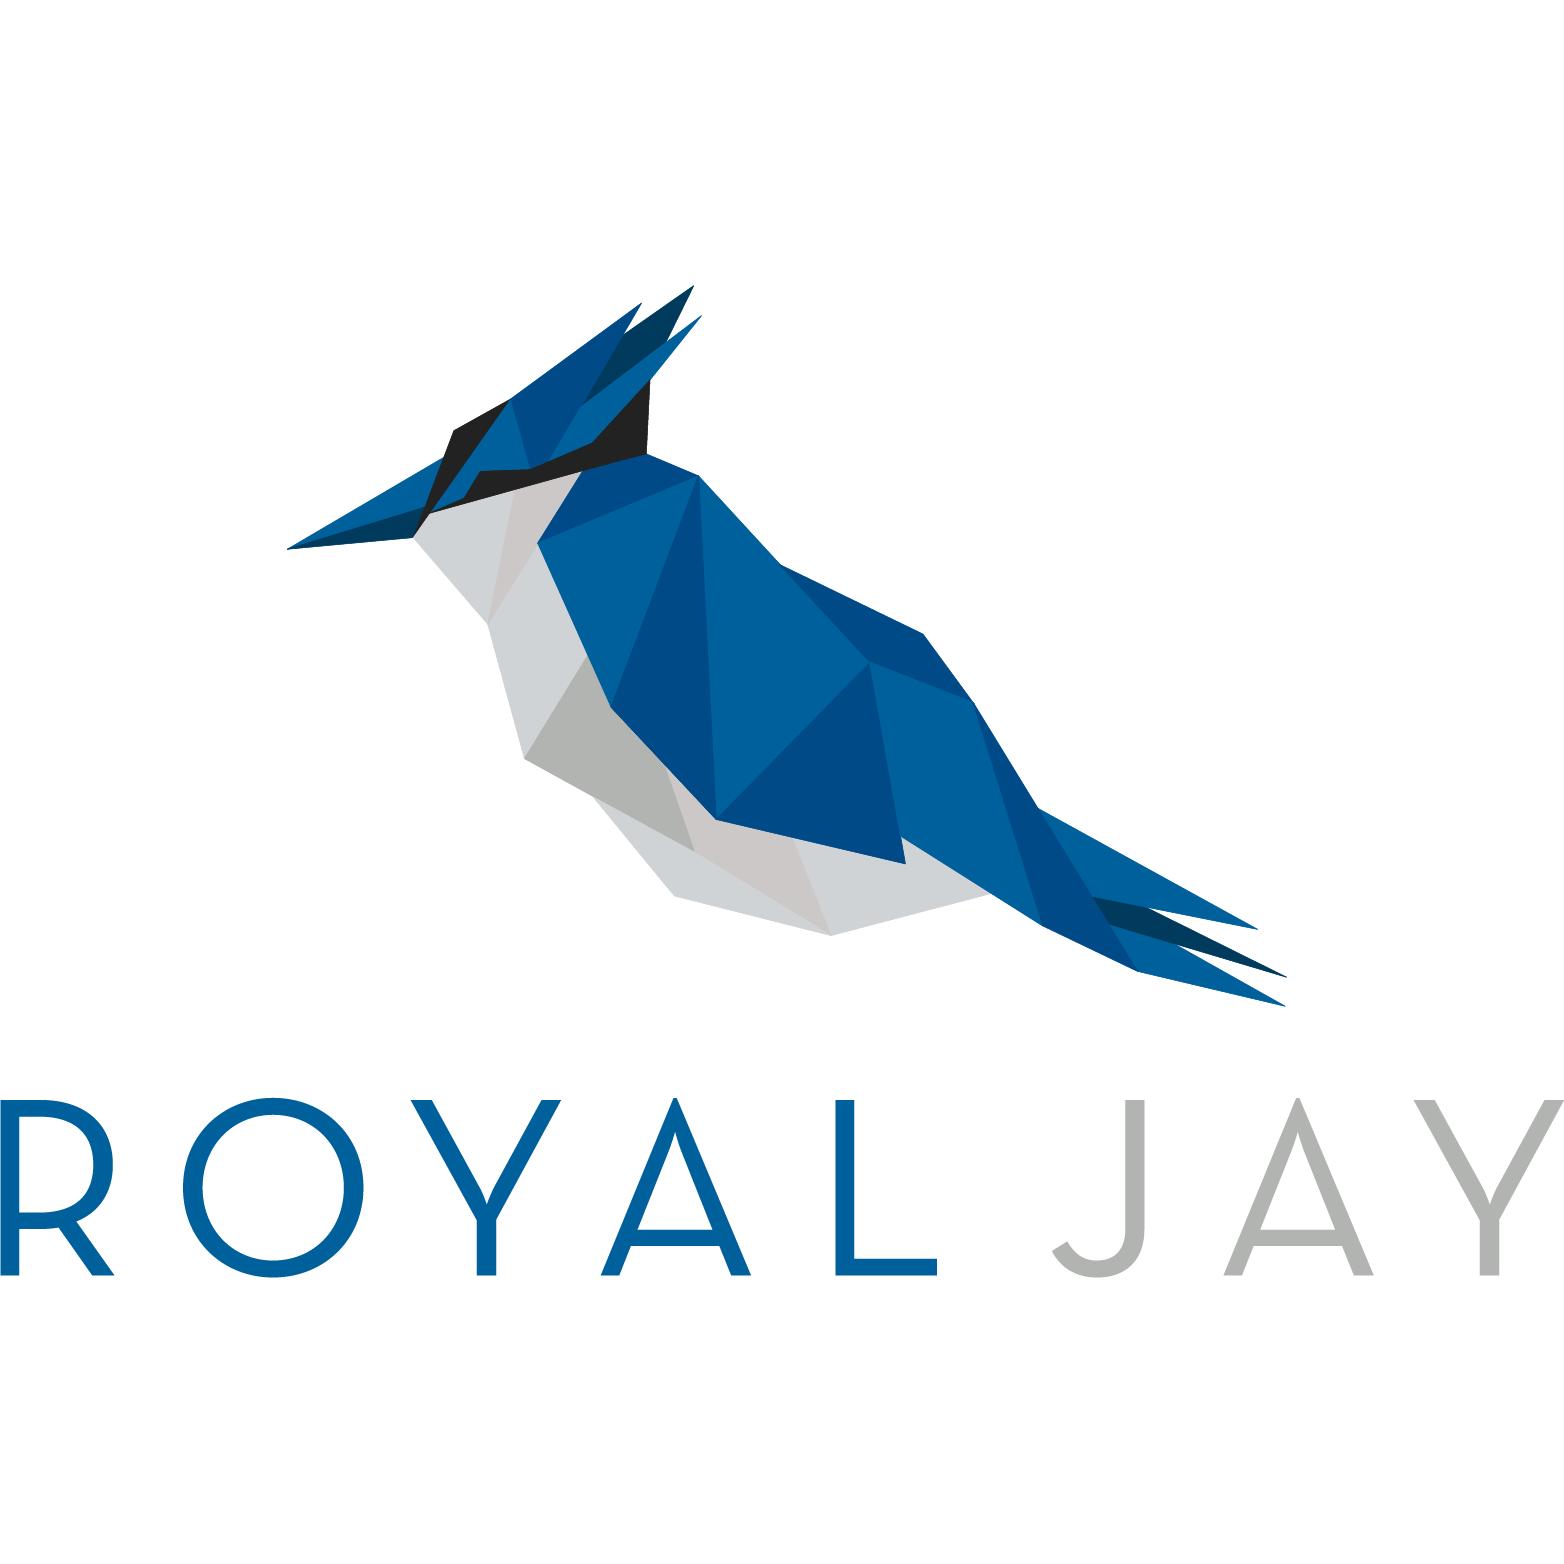 Royal Jay